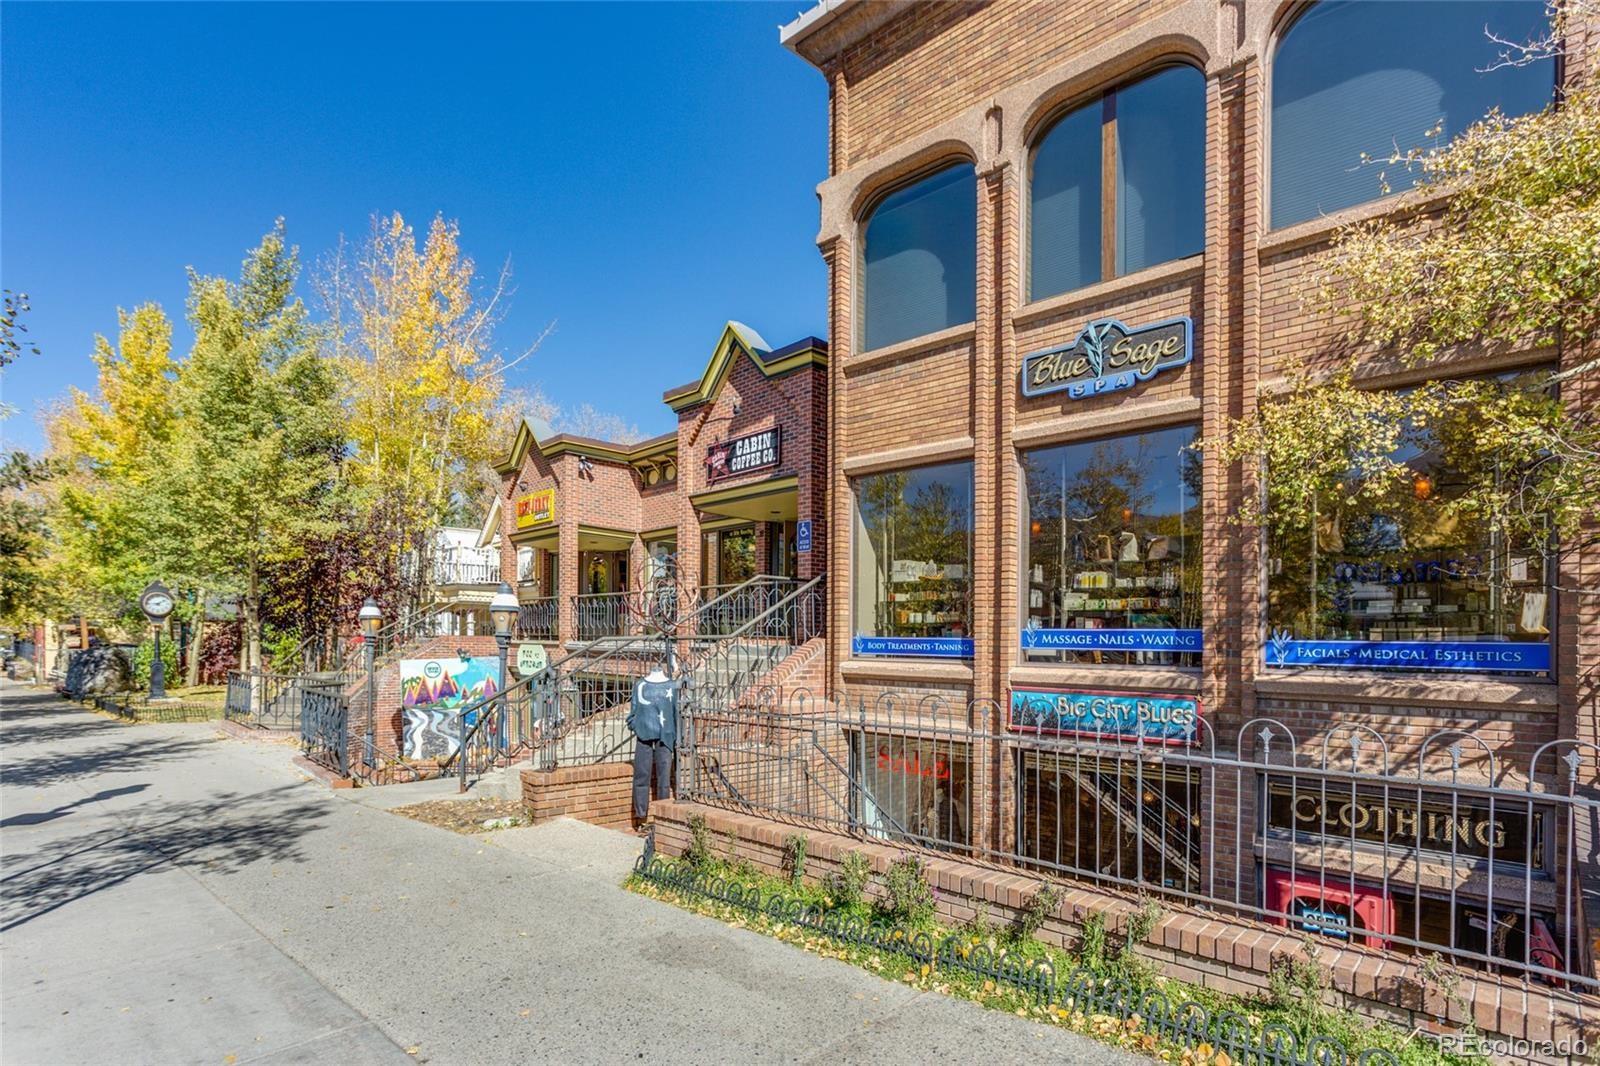 MLS# 9092474 - 30 - 43 Snowflake Drive #A-12, Breckenridge, CO 80424